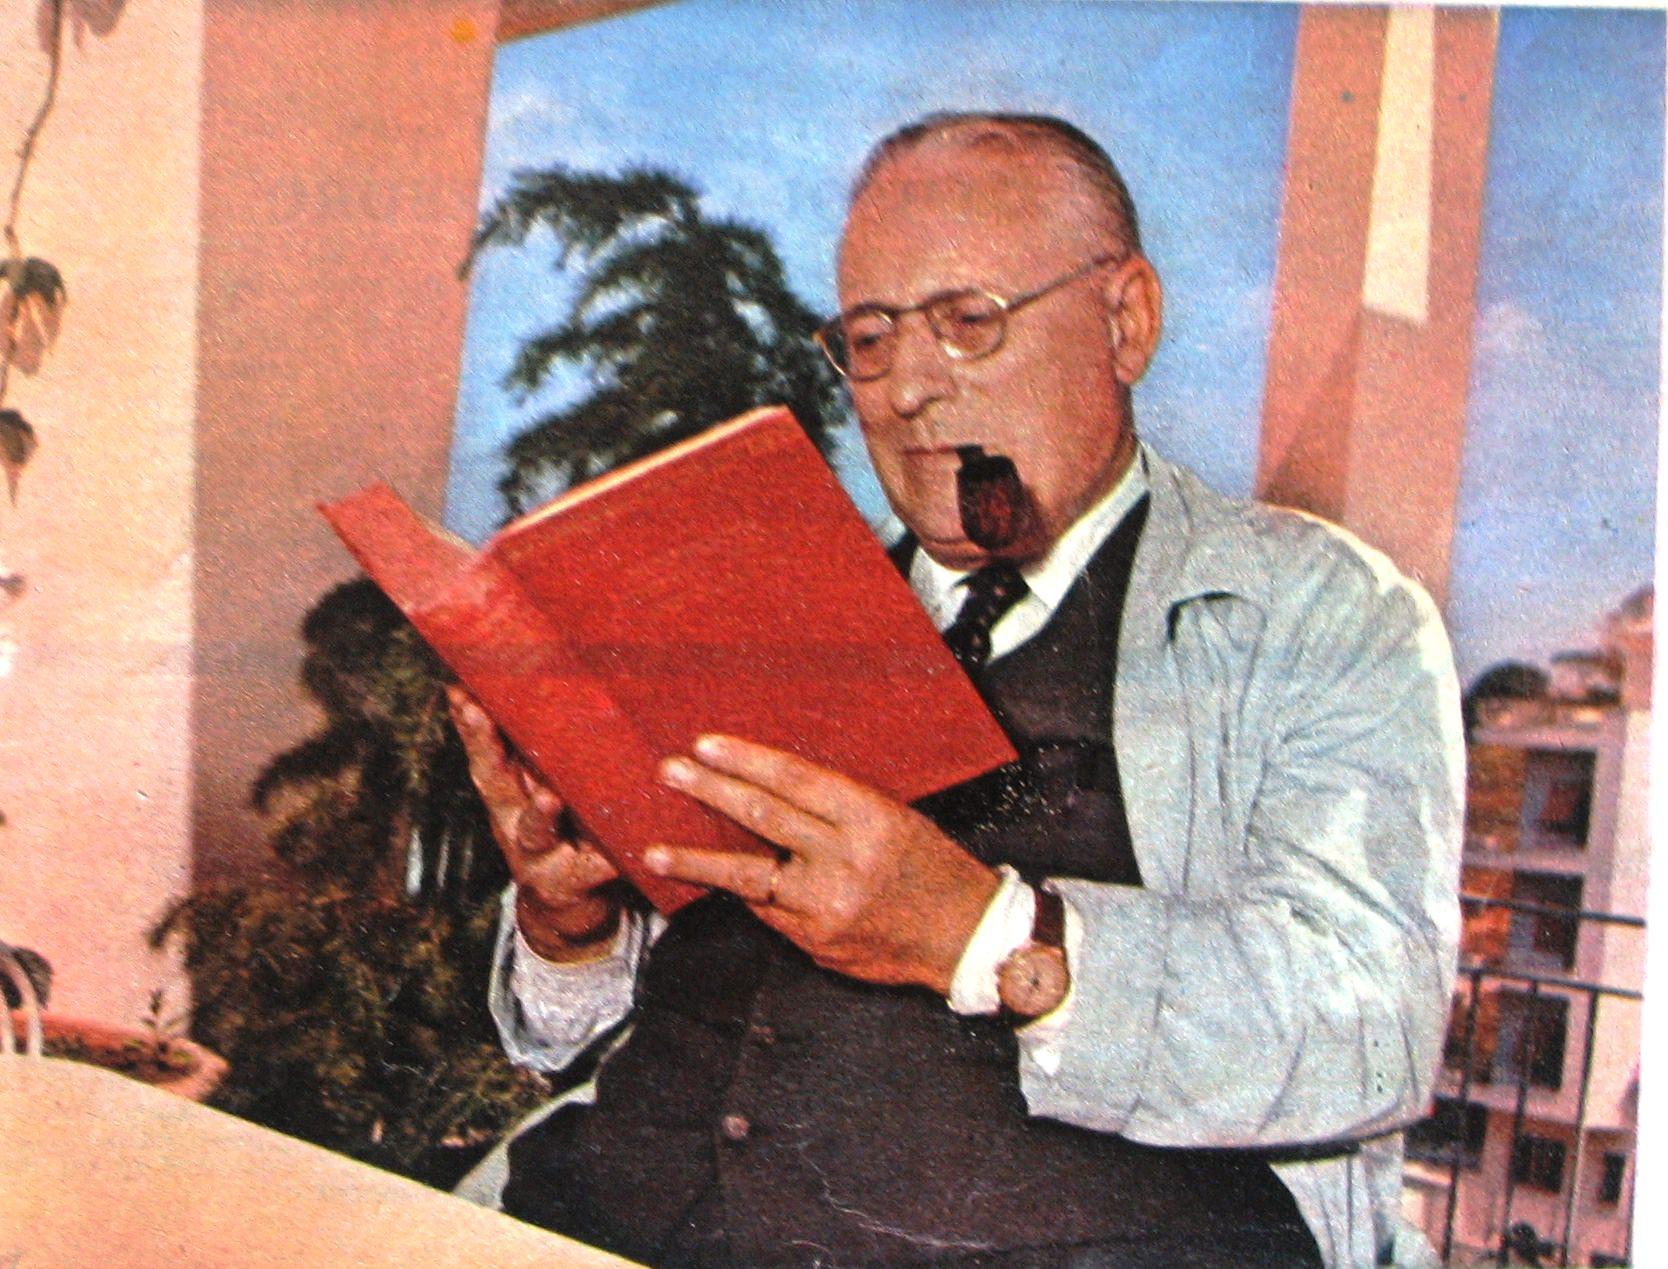 Presentata biografia di Giuseppe Dosi, precursore dell'interpol italiana